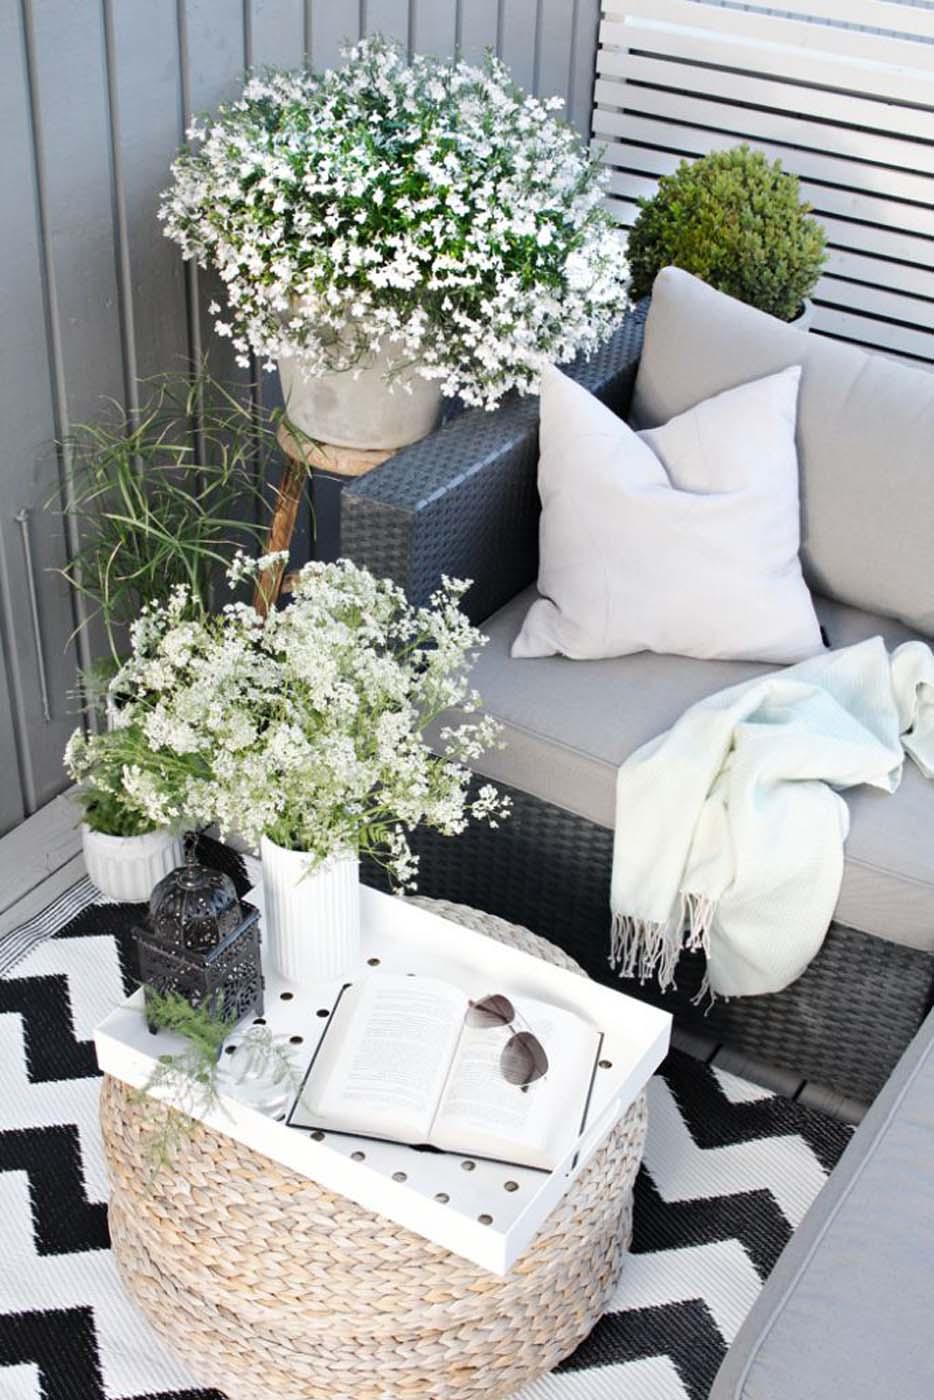 Aménager Son Balcon Avec Des Palettes femina | 20 inspirations de balcons et terrasses